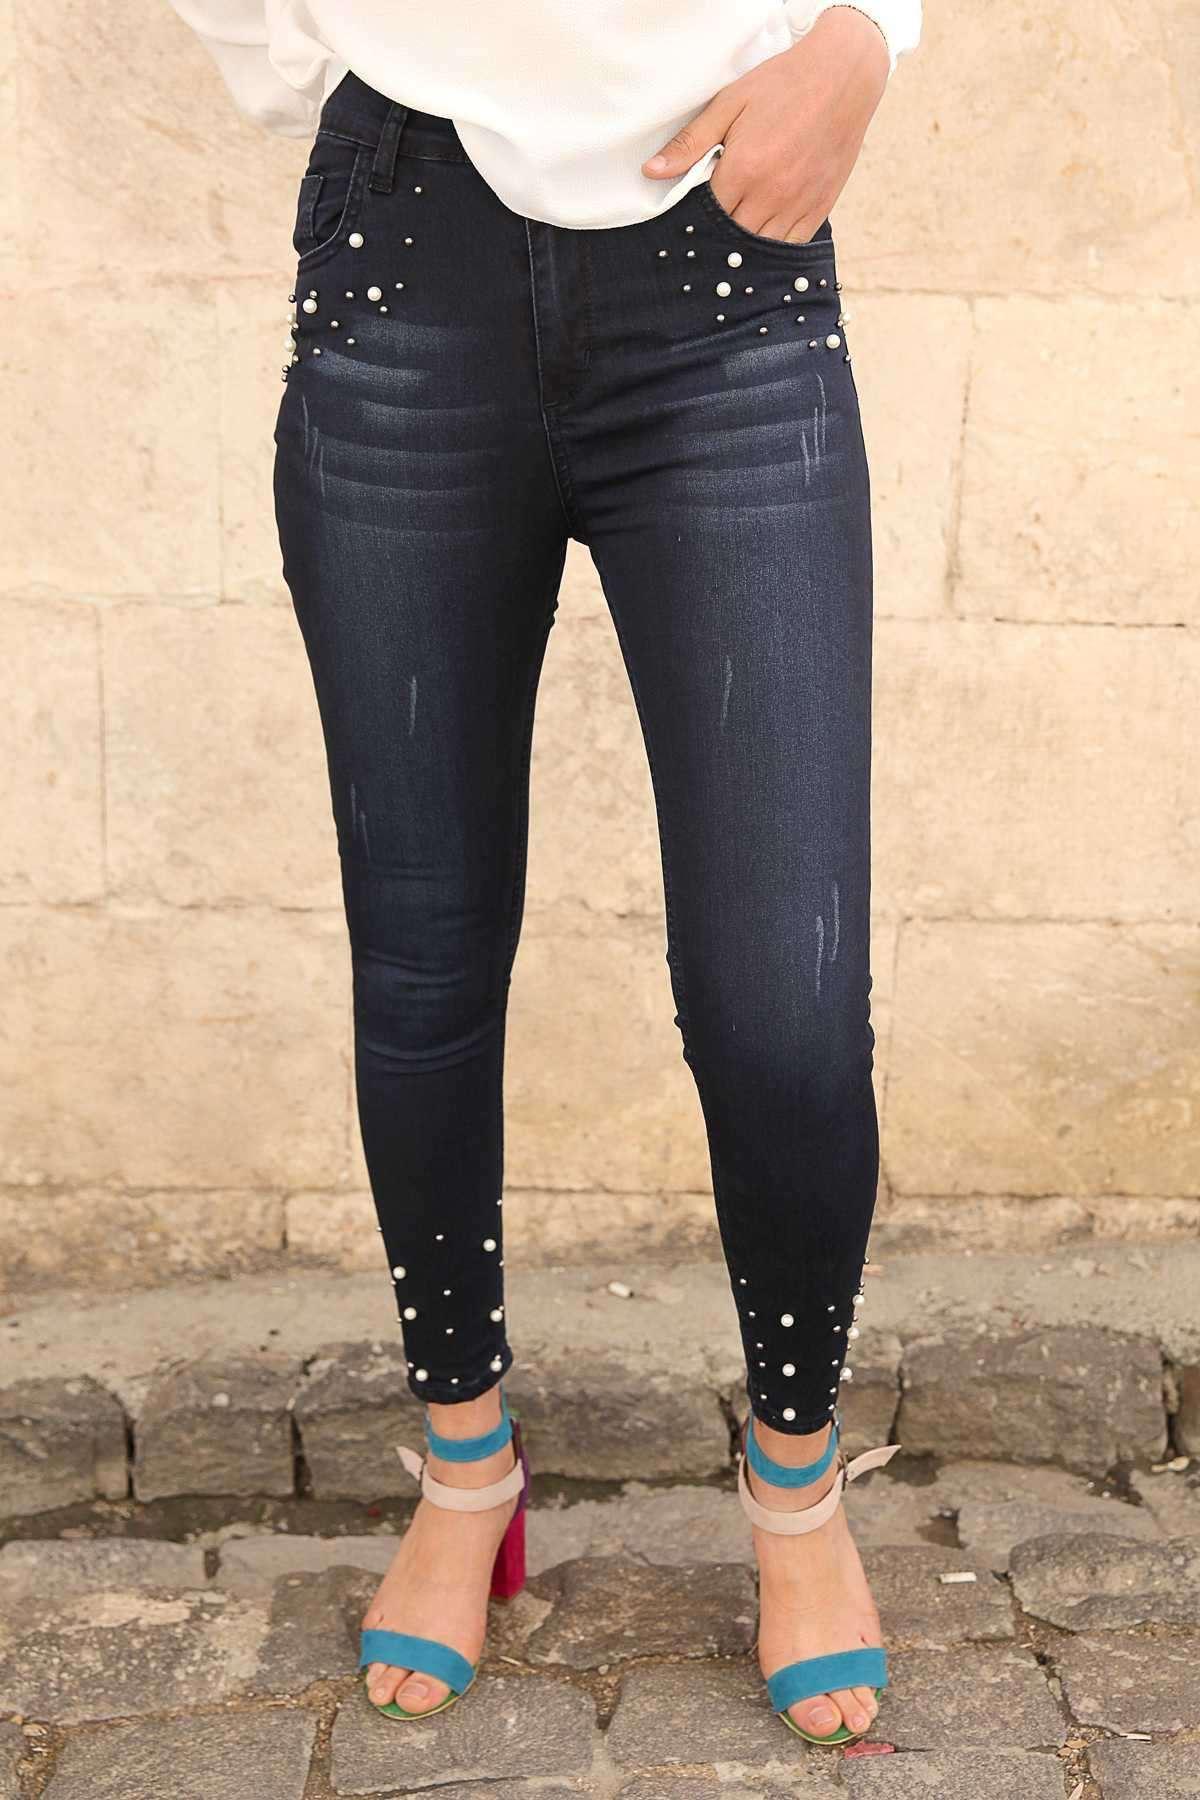 Cep Altı Ve Paçası İnci Detaylı Slim Fit Kot Pantolon Koyu Lacivert